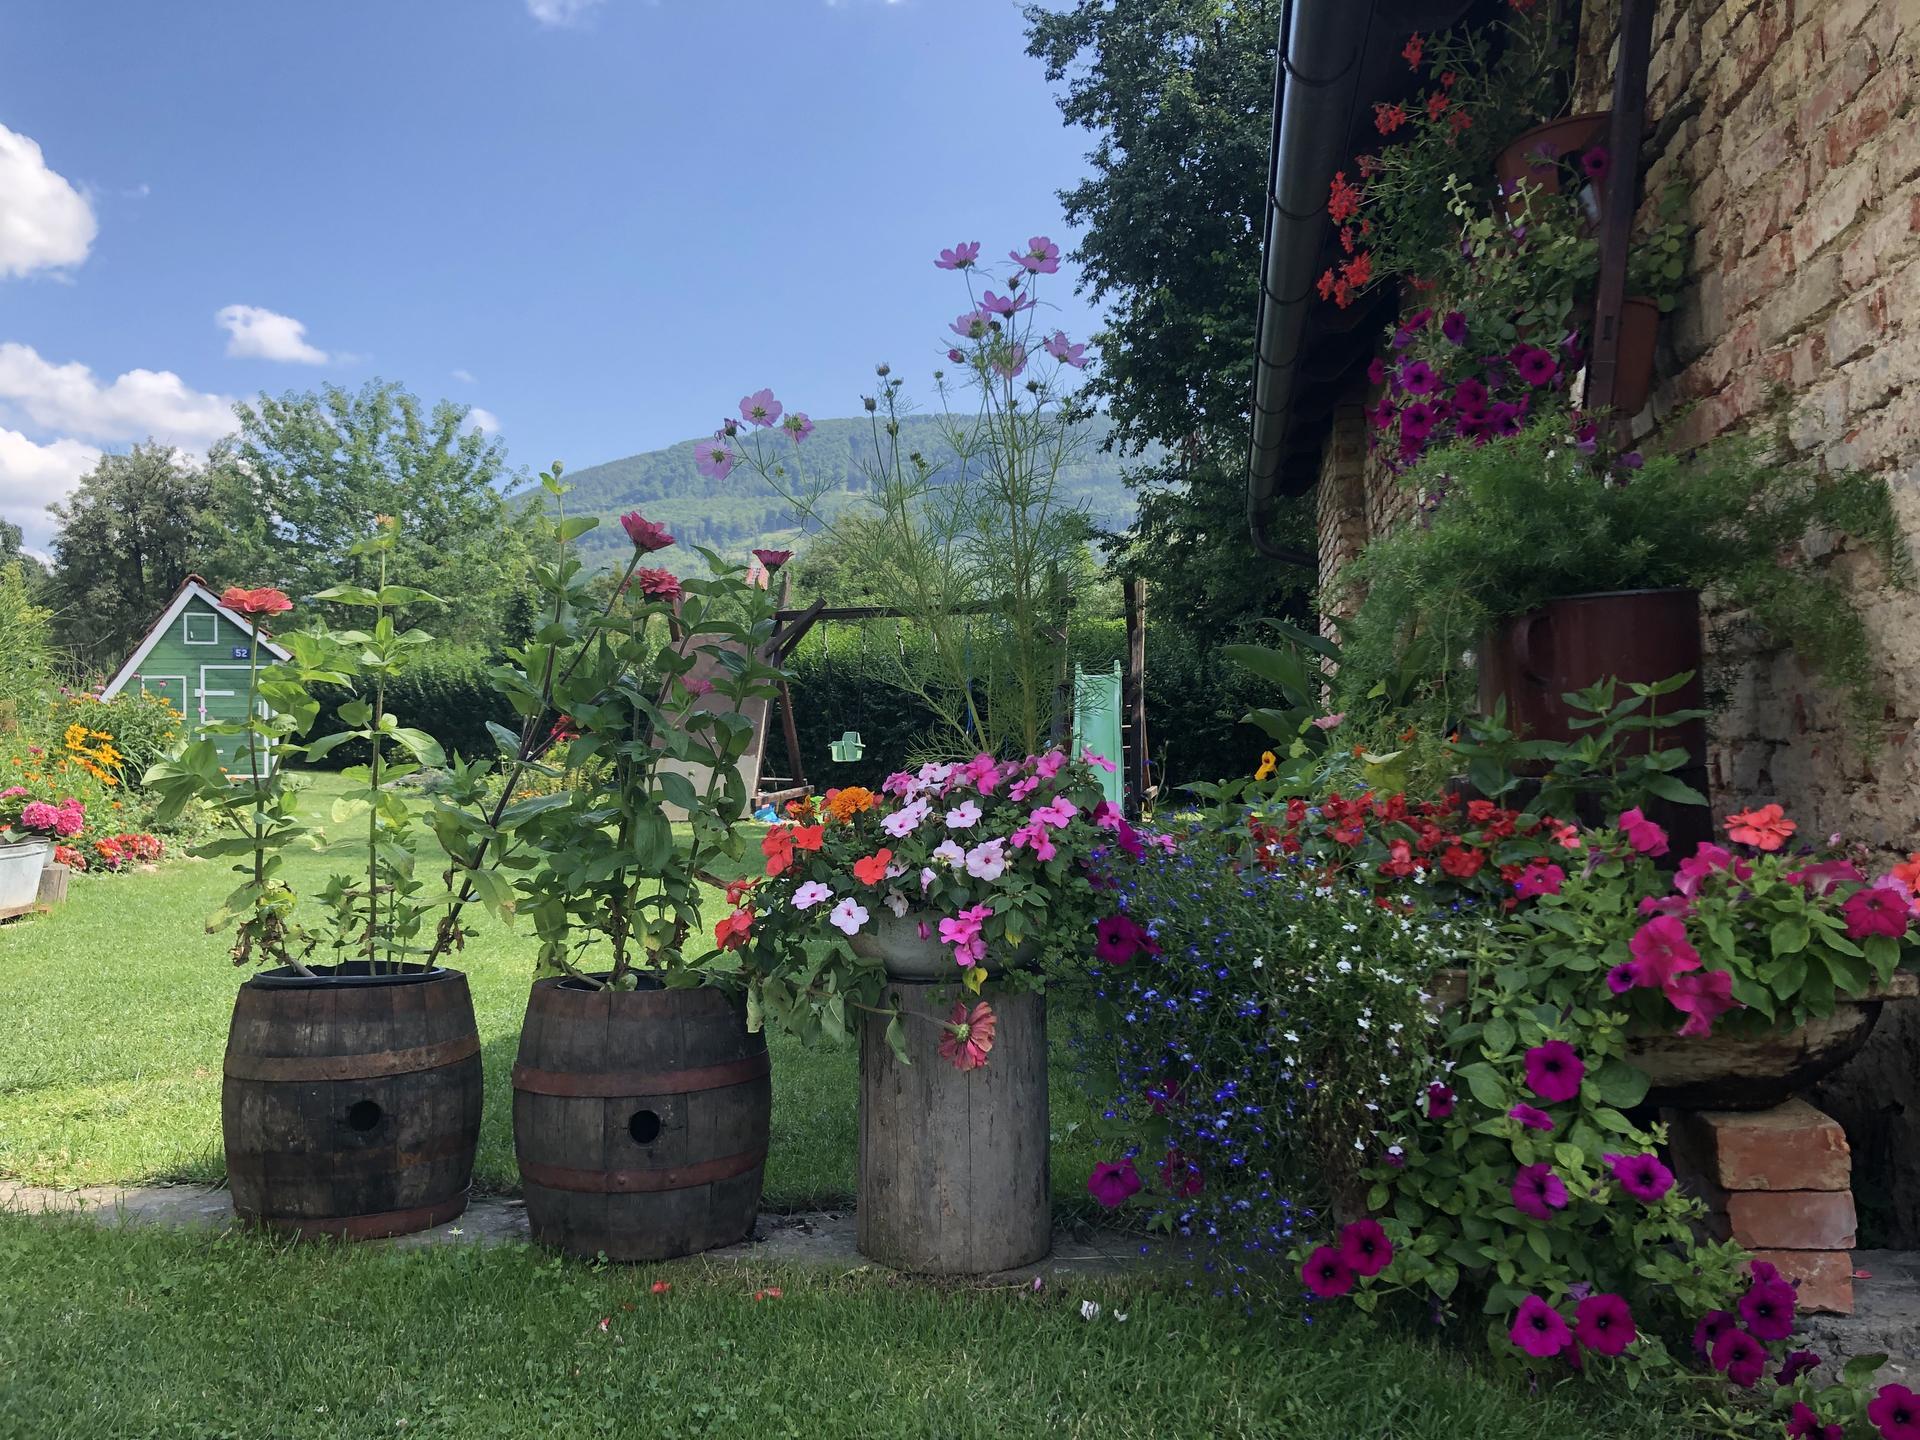 U nás doma a na zahradě 2021 - Obrázek č. 53